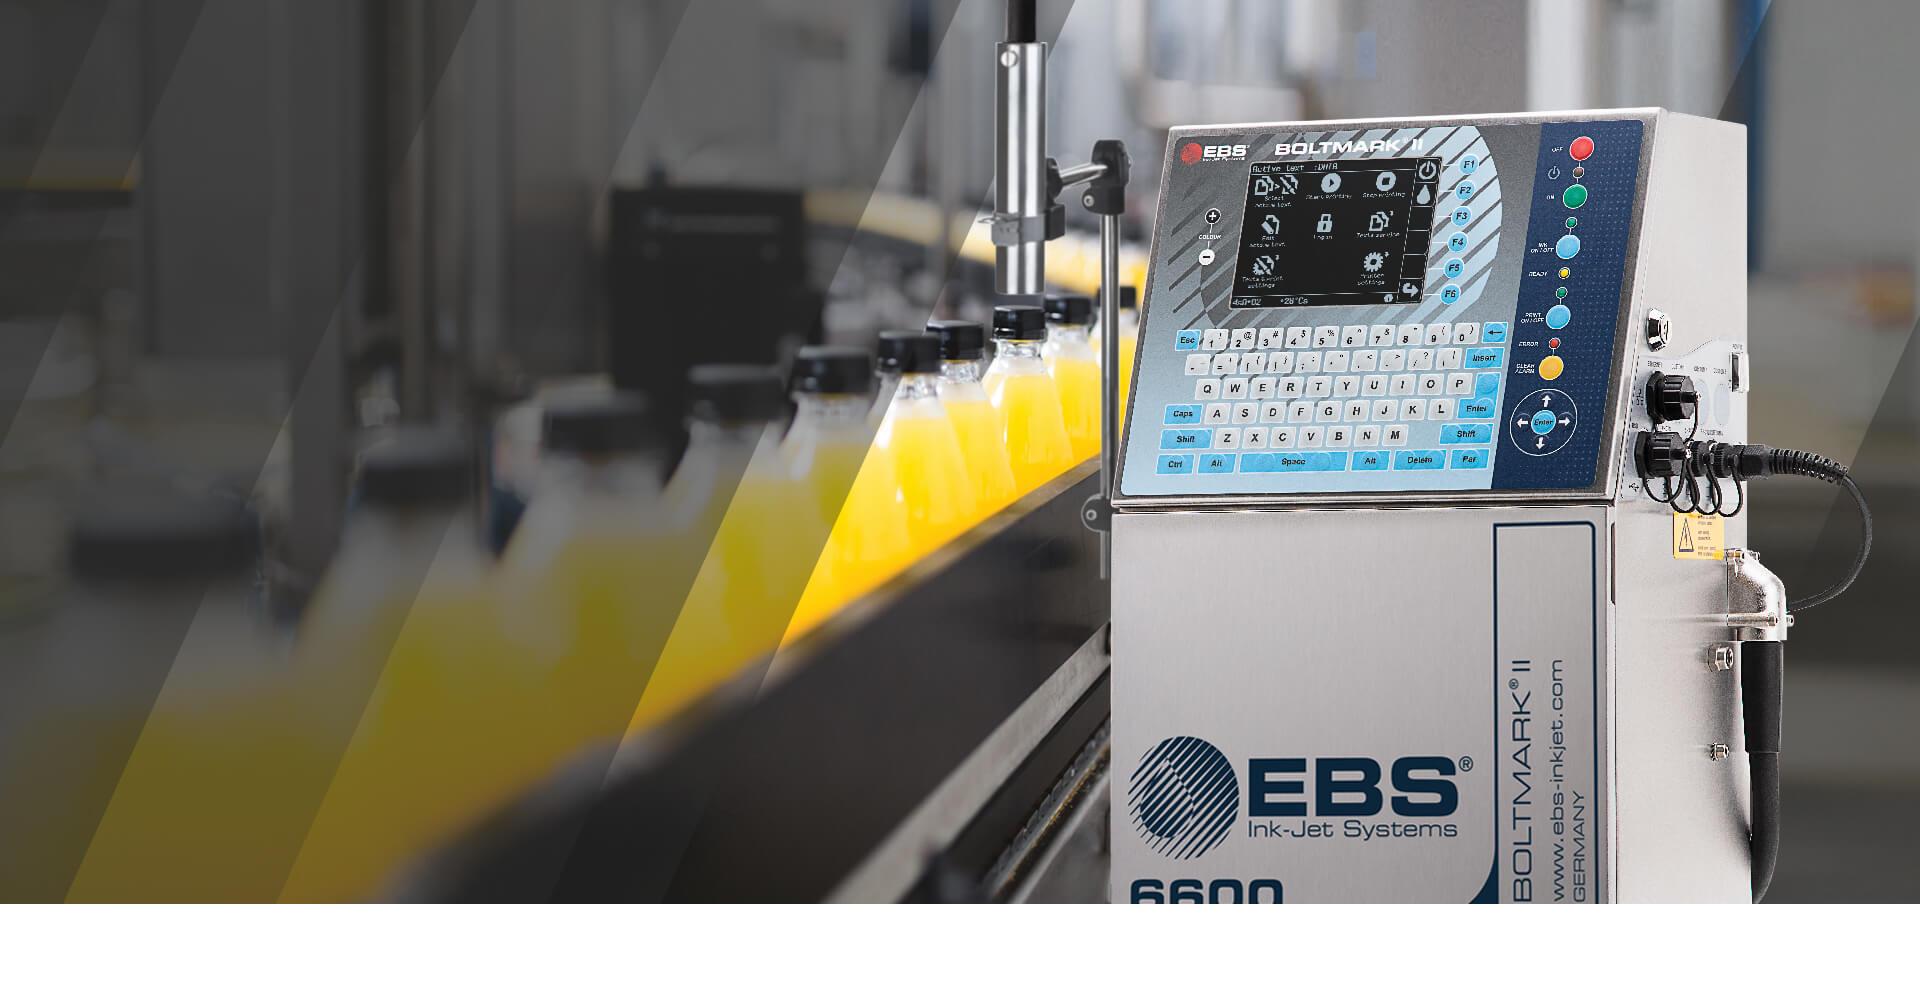 Strona Główna - EBS BOLTMARK znakowanie nalinii produkcyjnej popa EBS